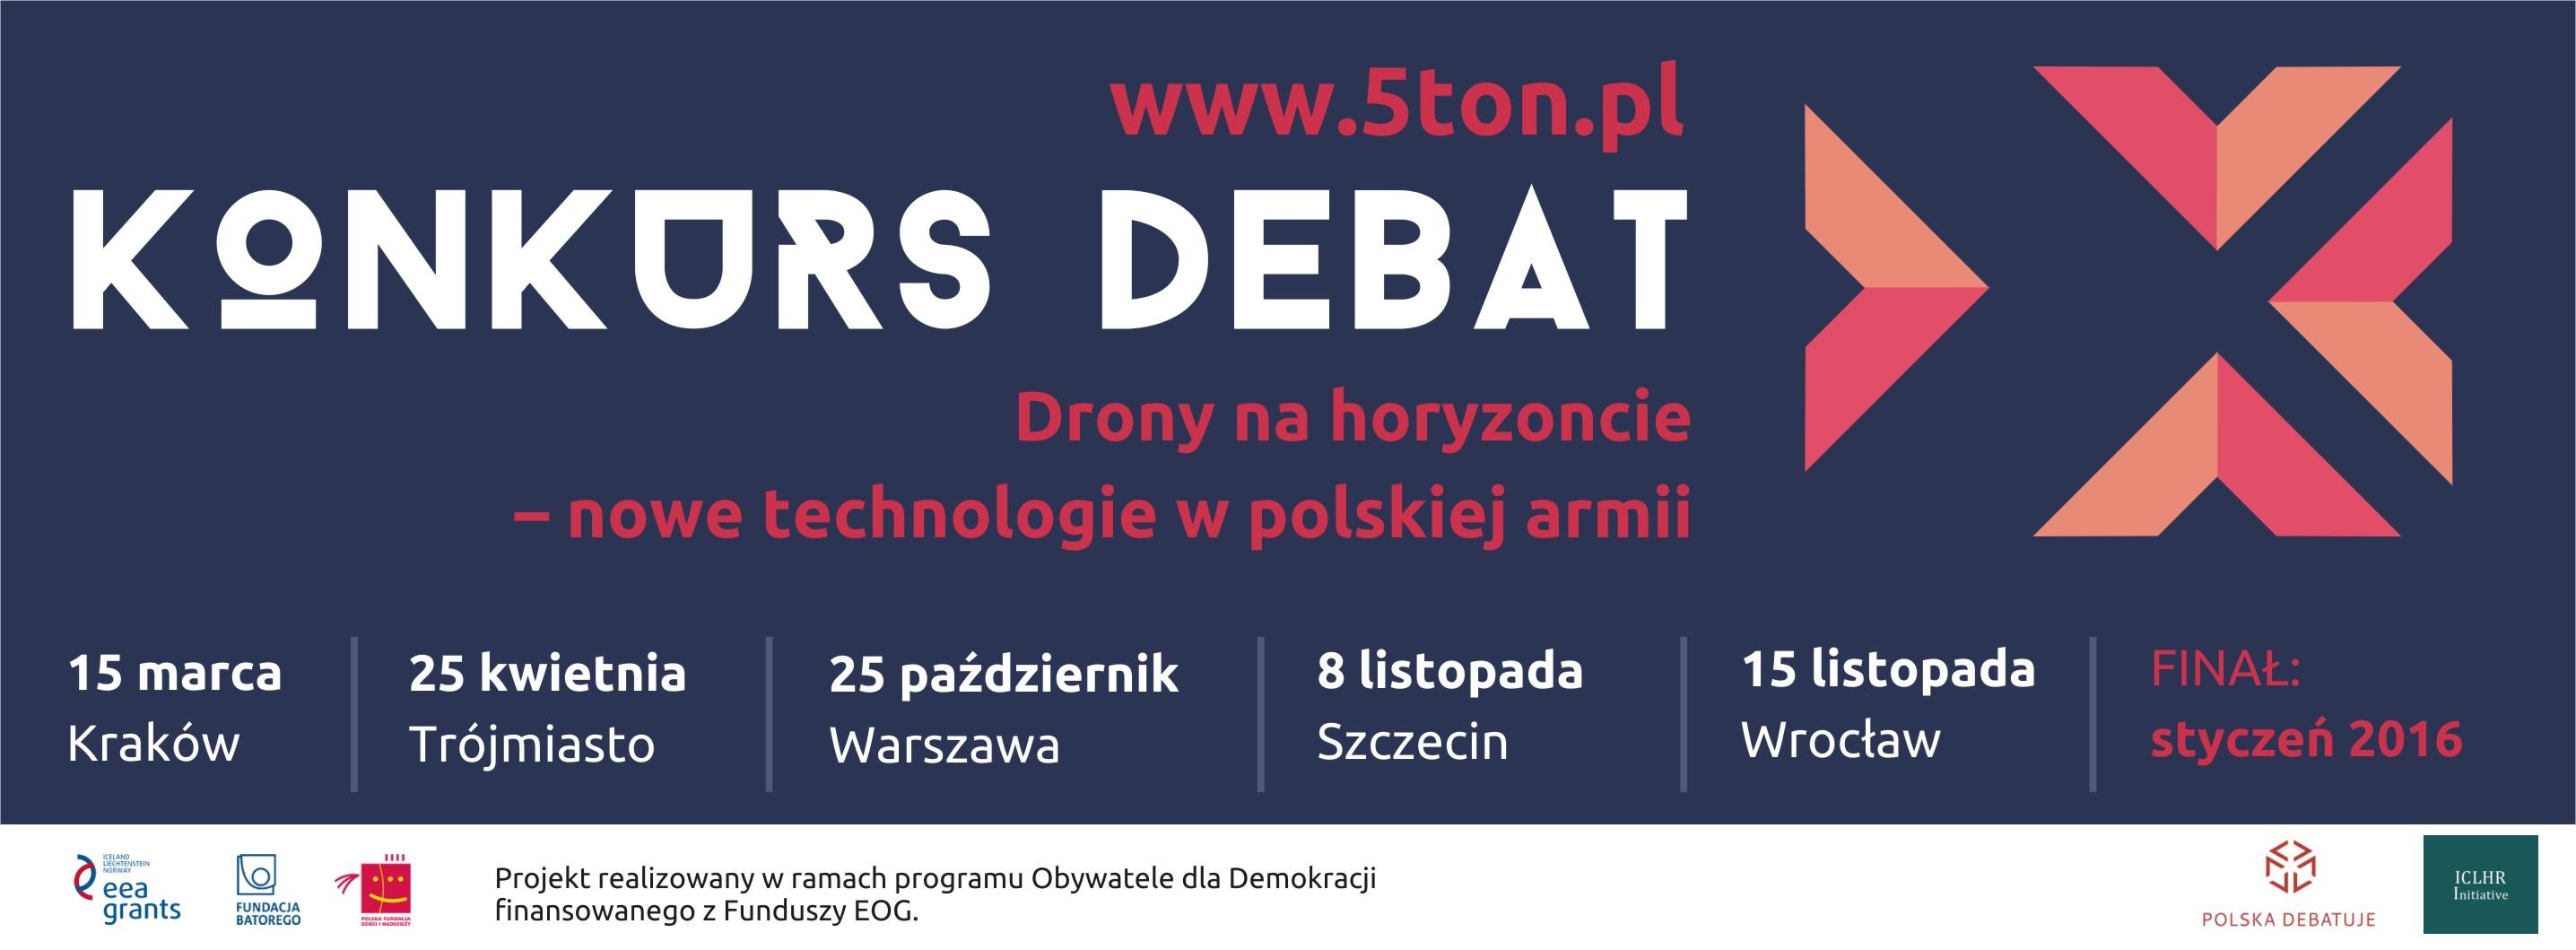 fot: 5ton.pl